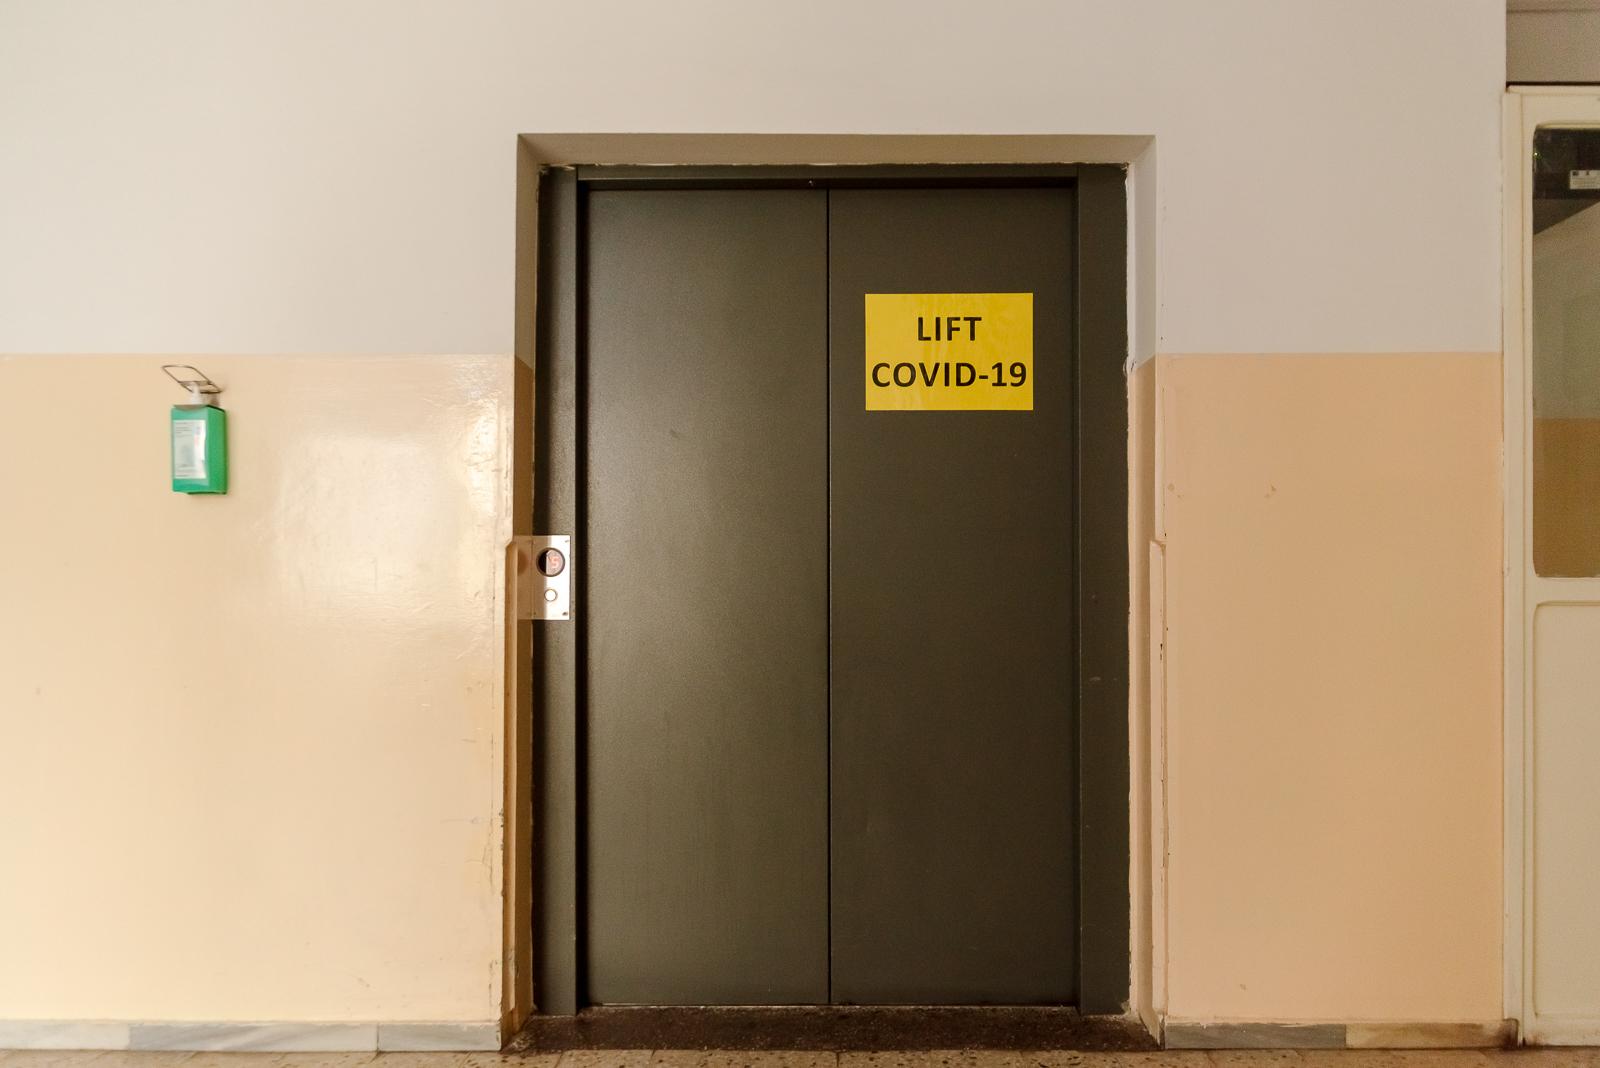 Már a folyosó is minden a koronavírusra emlékeztet - külön lift a covidosoknak. Ott jártunkkor itt szállították el az egyik áldozatot.